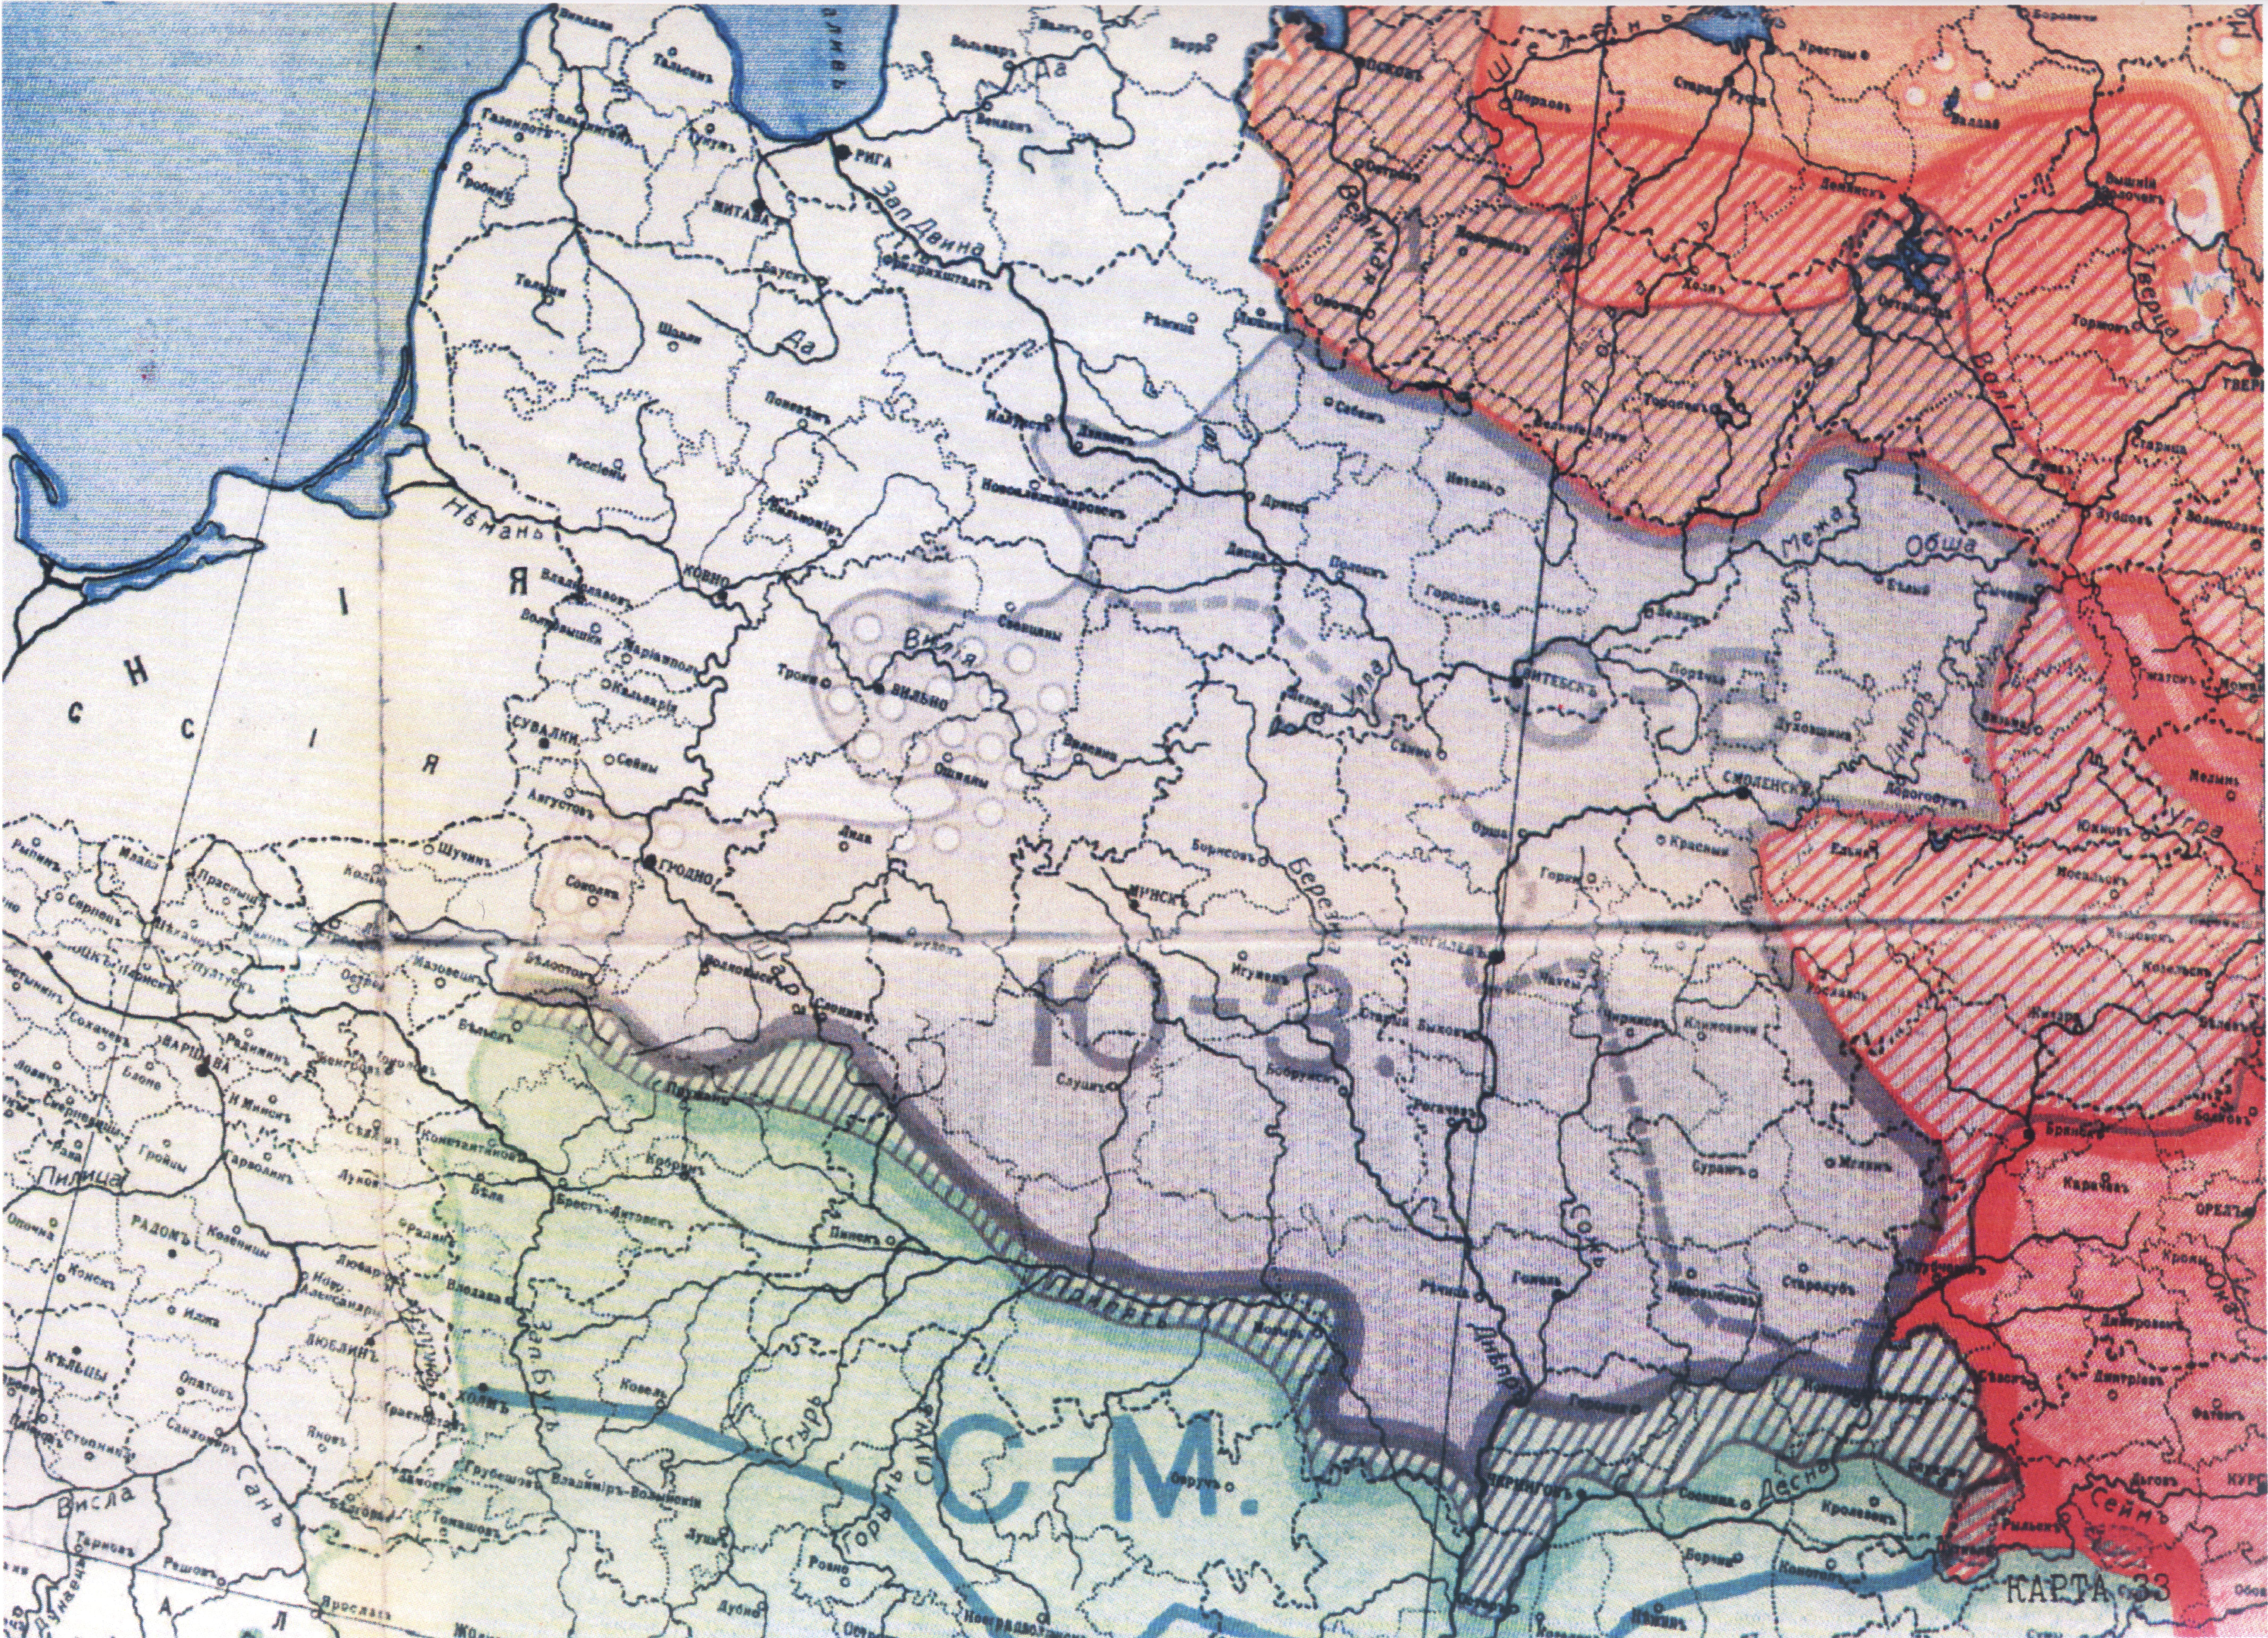 karta evrope 1914 File:Dyalektologicheskaya karta russkago jazyka v Evrope.  karta evrope 1914